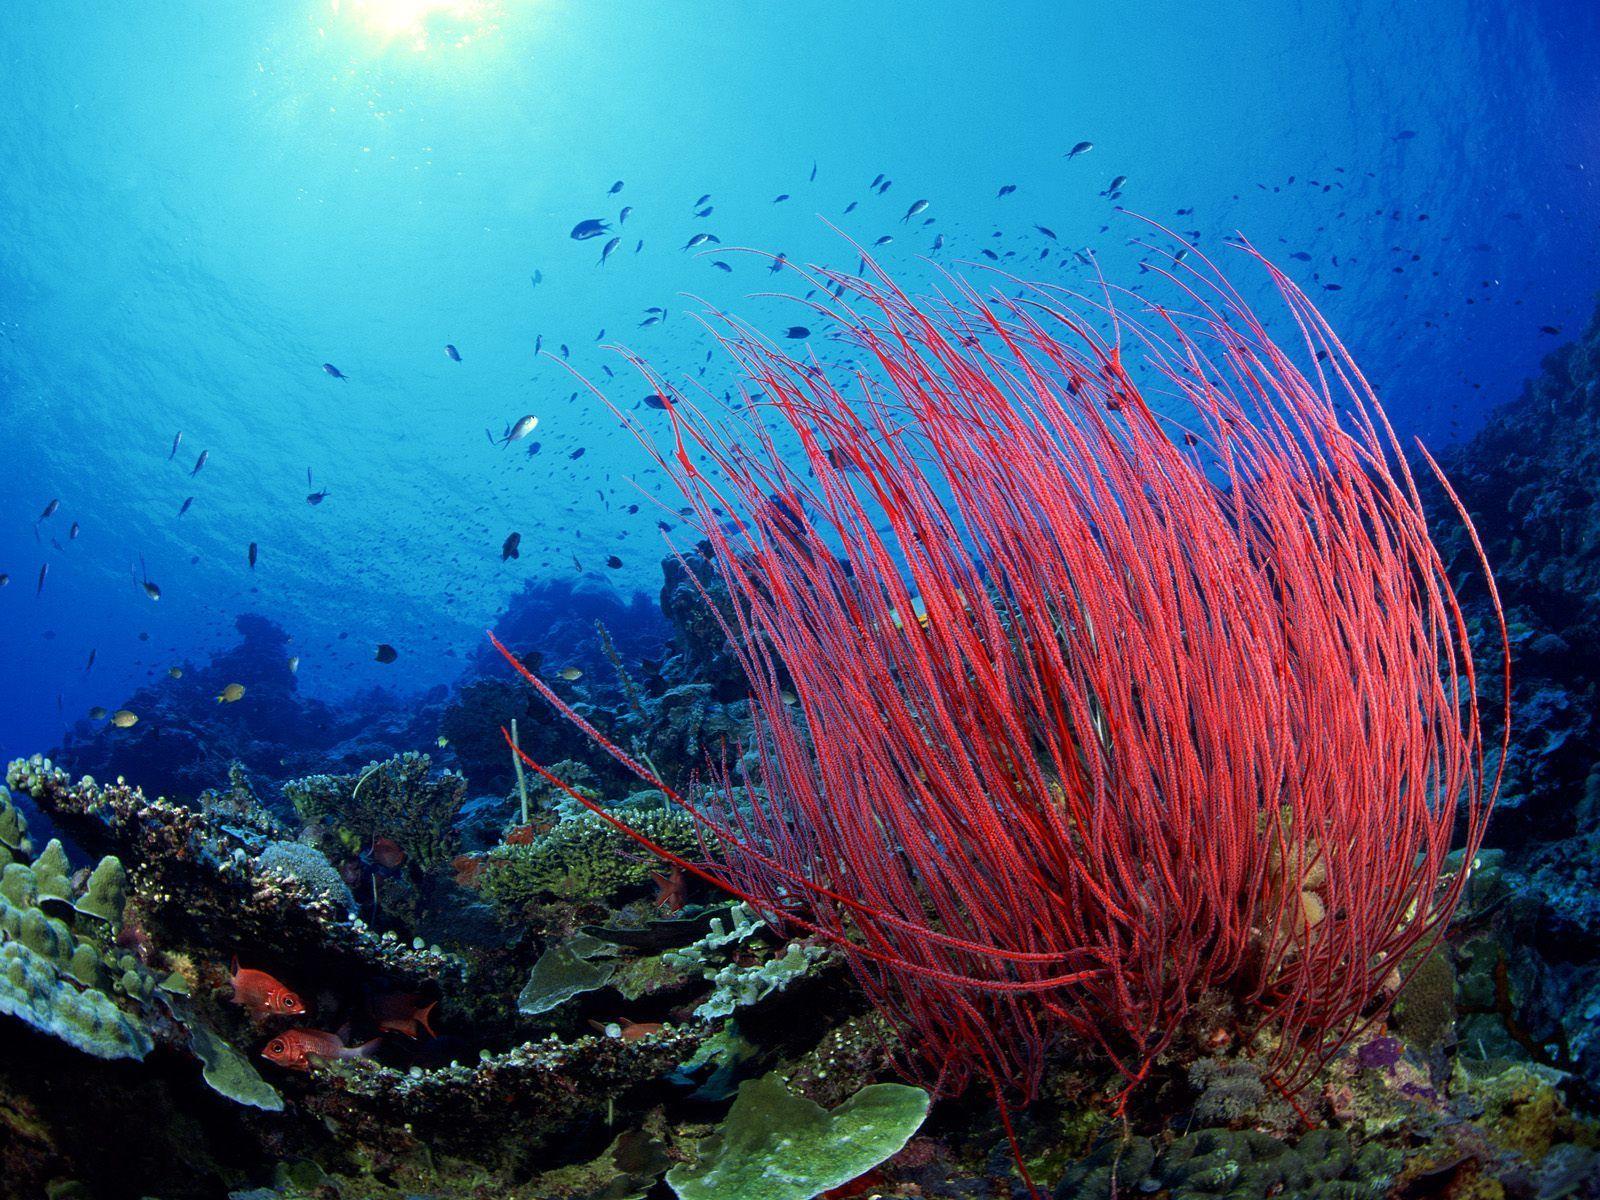 Hình ảnh đẹp nhất về rạn san hô đỏ